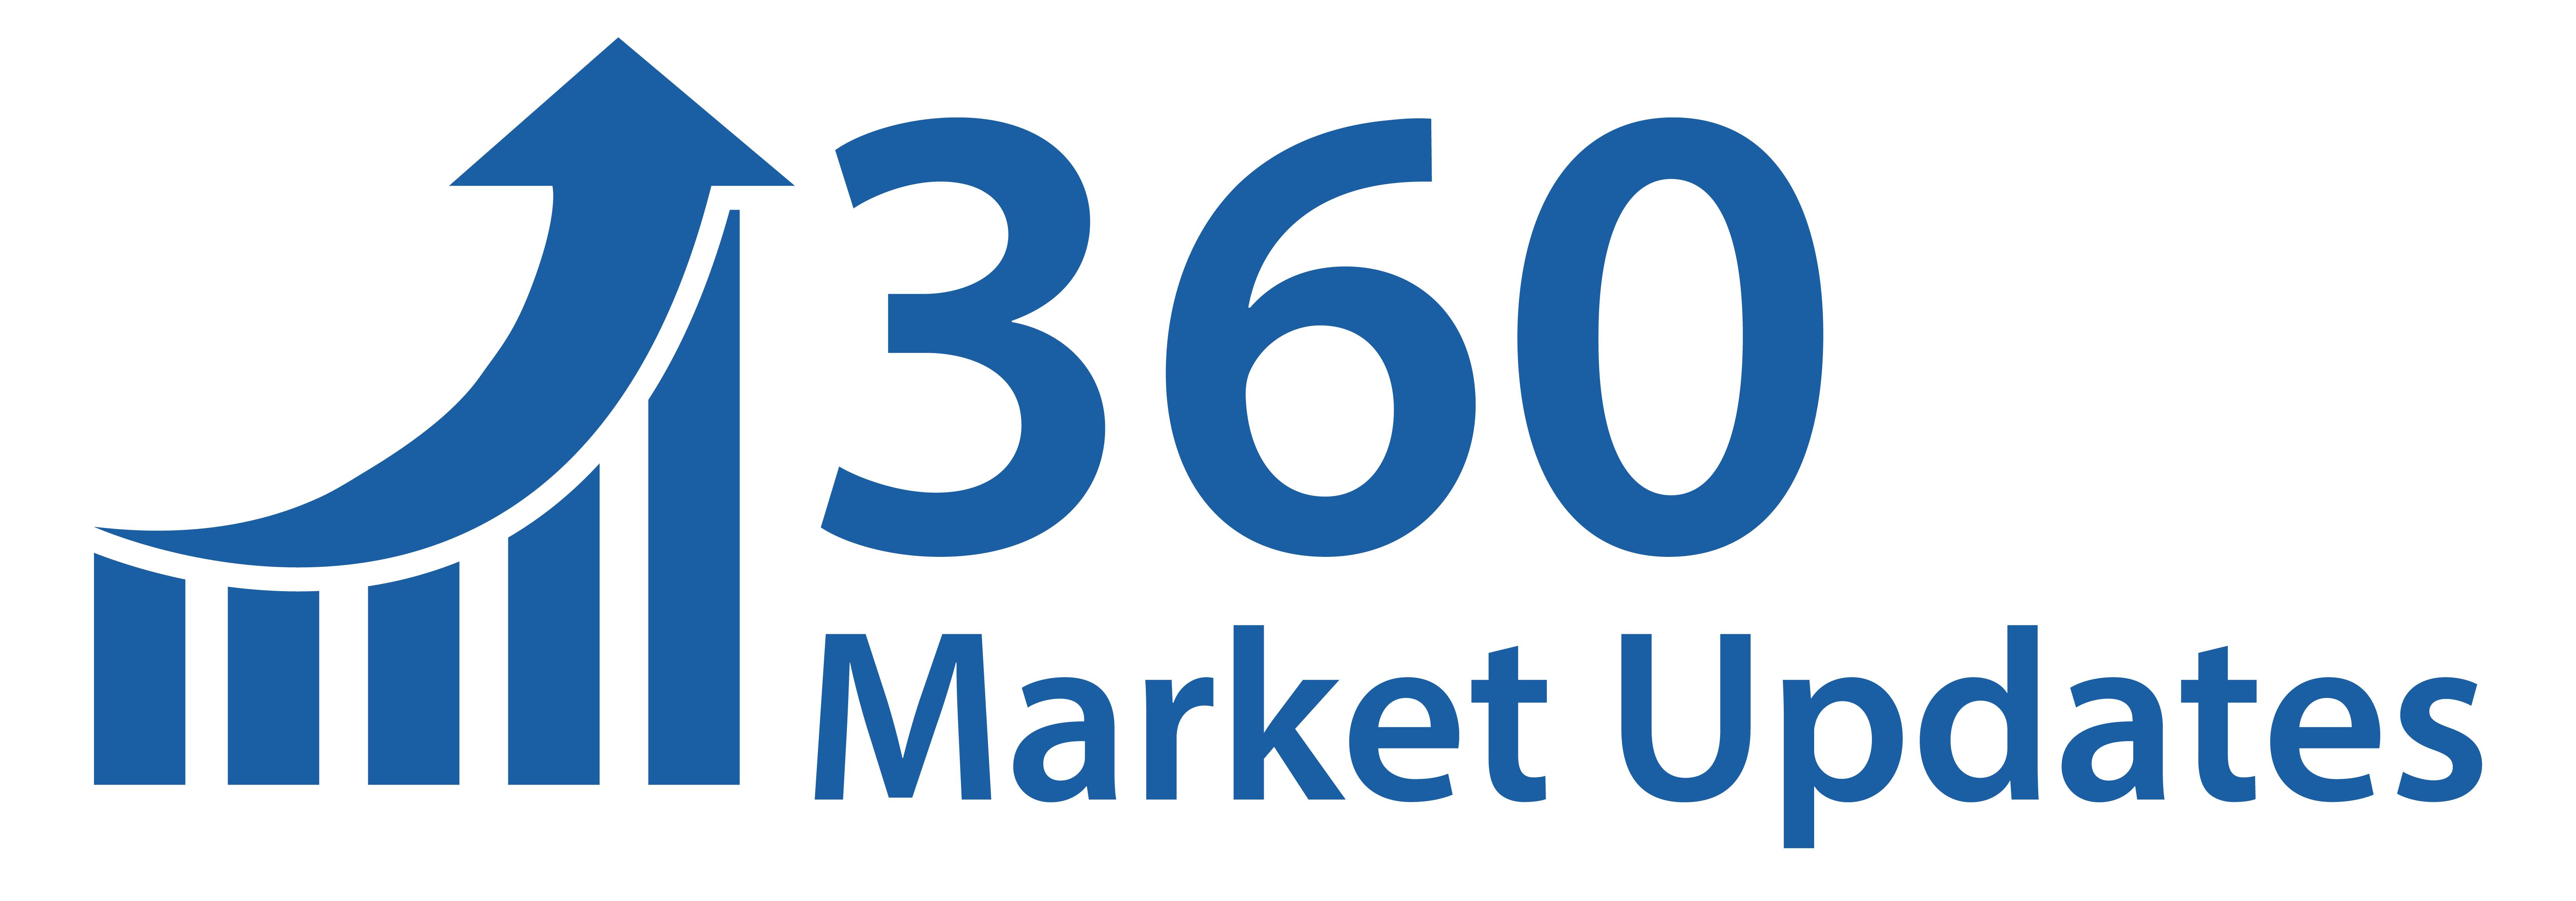 Mercado de gabinetes para el cuidado de la ropa doméstica 2020 - Demanda de la industria, participación, tamaño, planes de tendencias futuras, oportunidades de crecimiento, jugadores clave, aplicación, demanda, informe de investigación de la industria por pronóstico regional hasta 2024